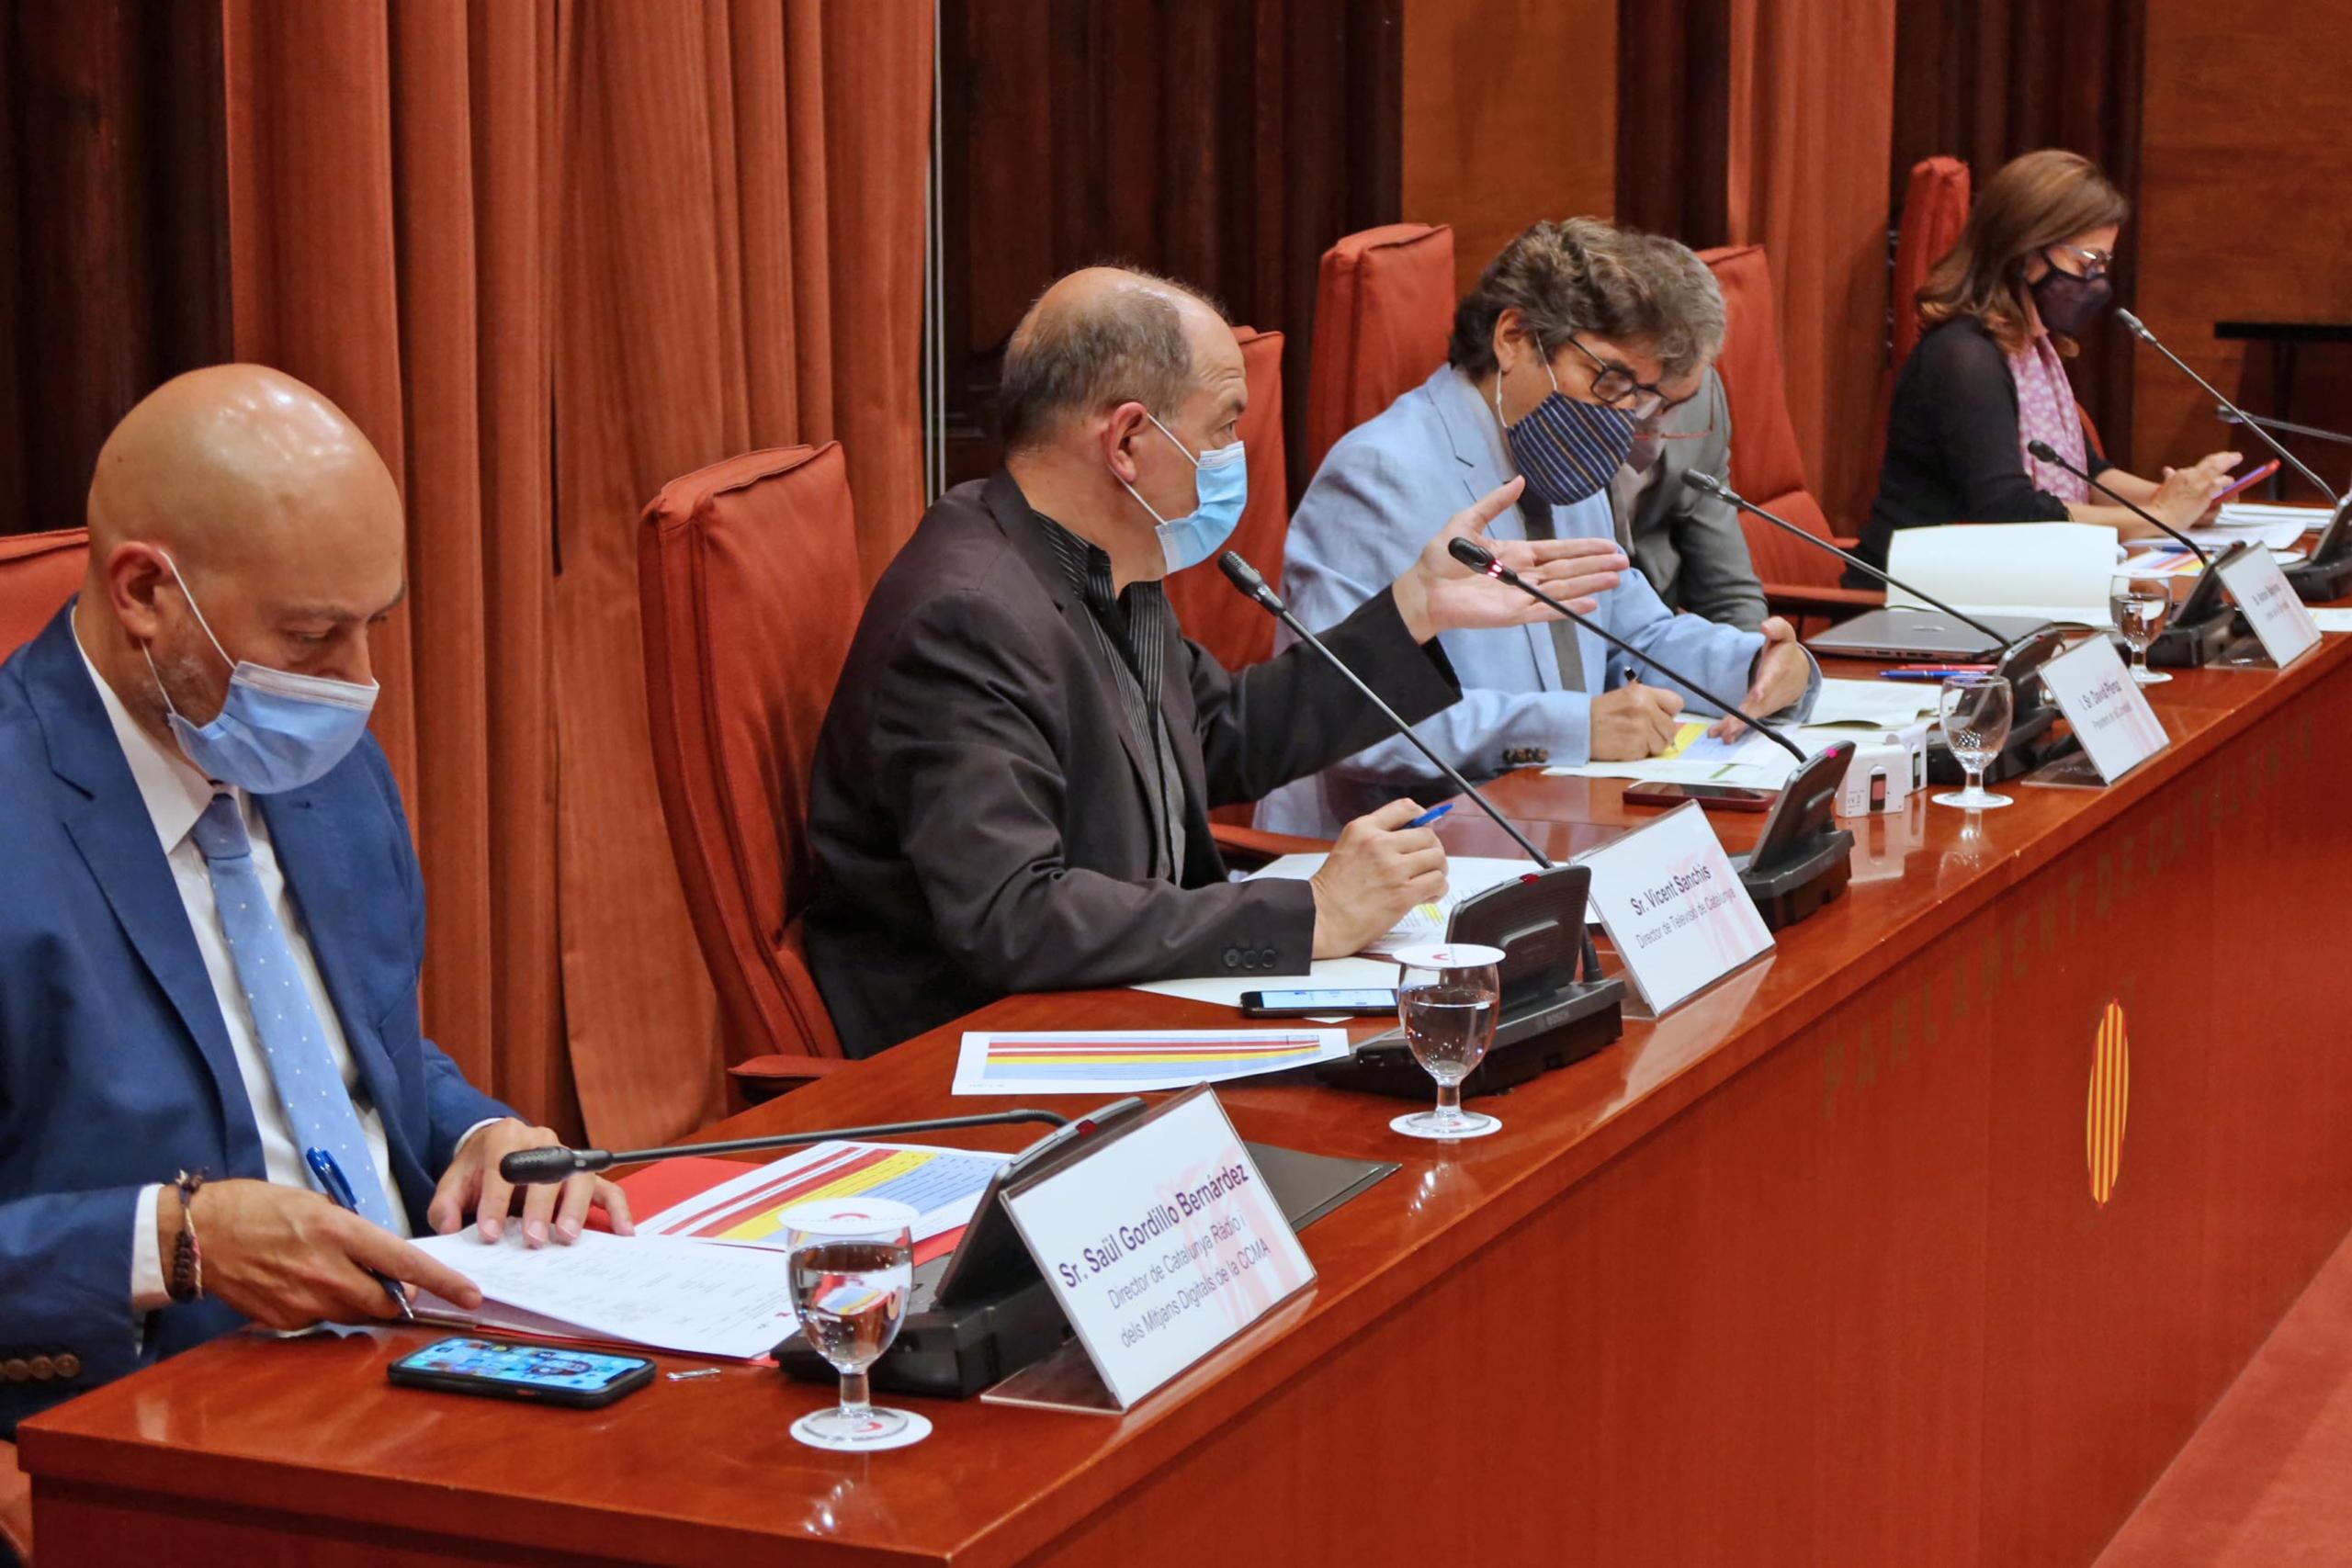 El director de Catalunya Ràdio, Saül Gordillo, el director de TV3, Vicent Sanchis, i la presidenta en funcions de la CCMA, Núria Llorach, en la comissió parlamentària de control el 30 de juliol del 2021 (ACN)